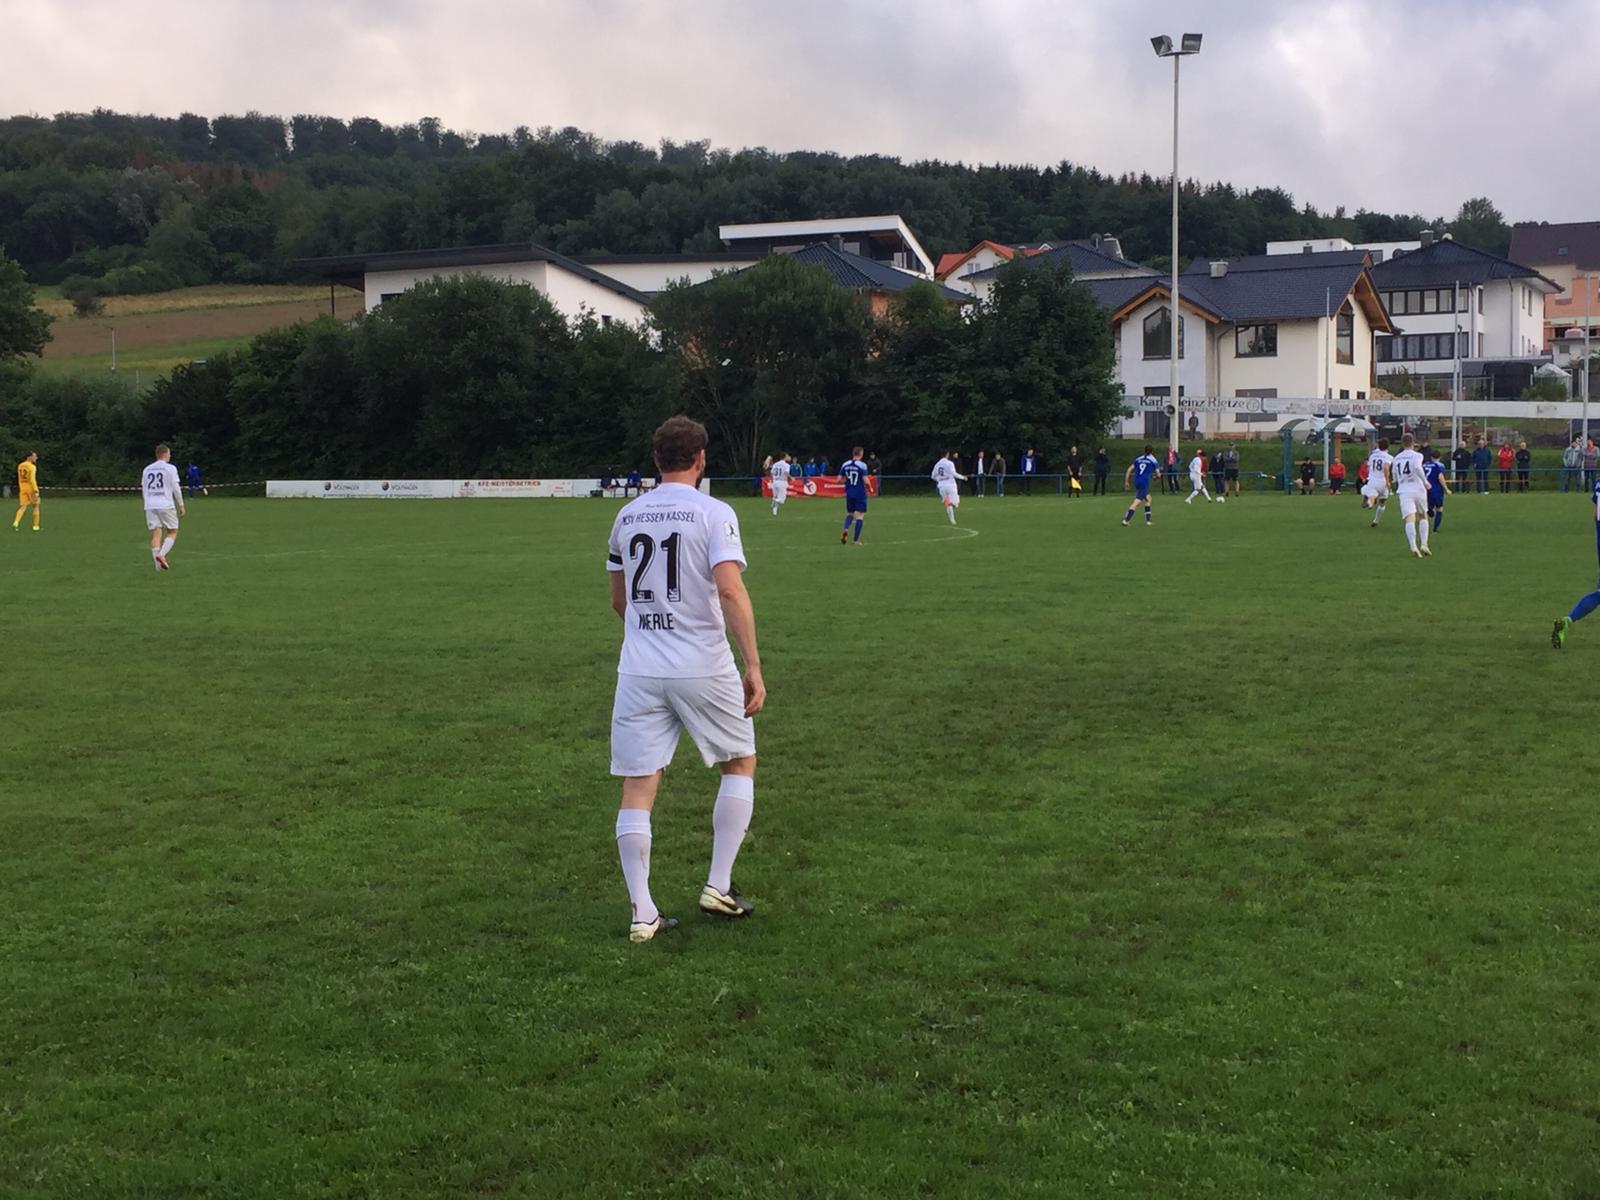 SV Blau-Weiß Ehlen - KSV Hessen Kassel